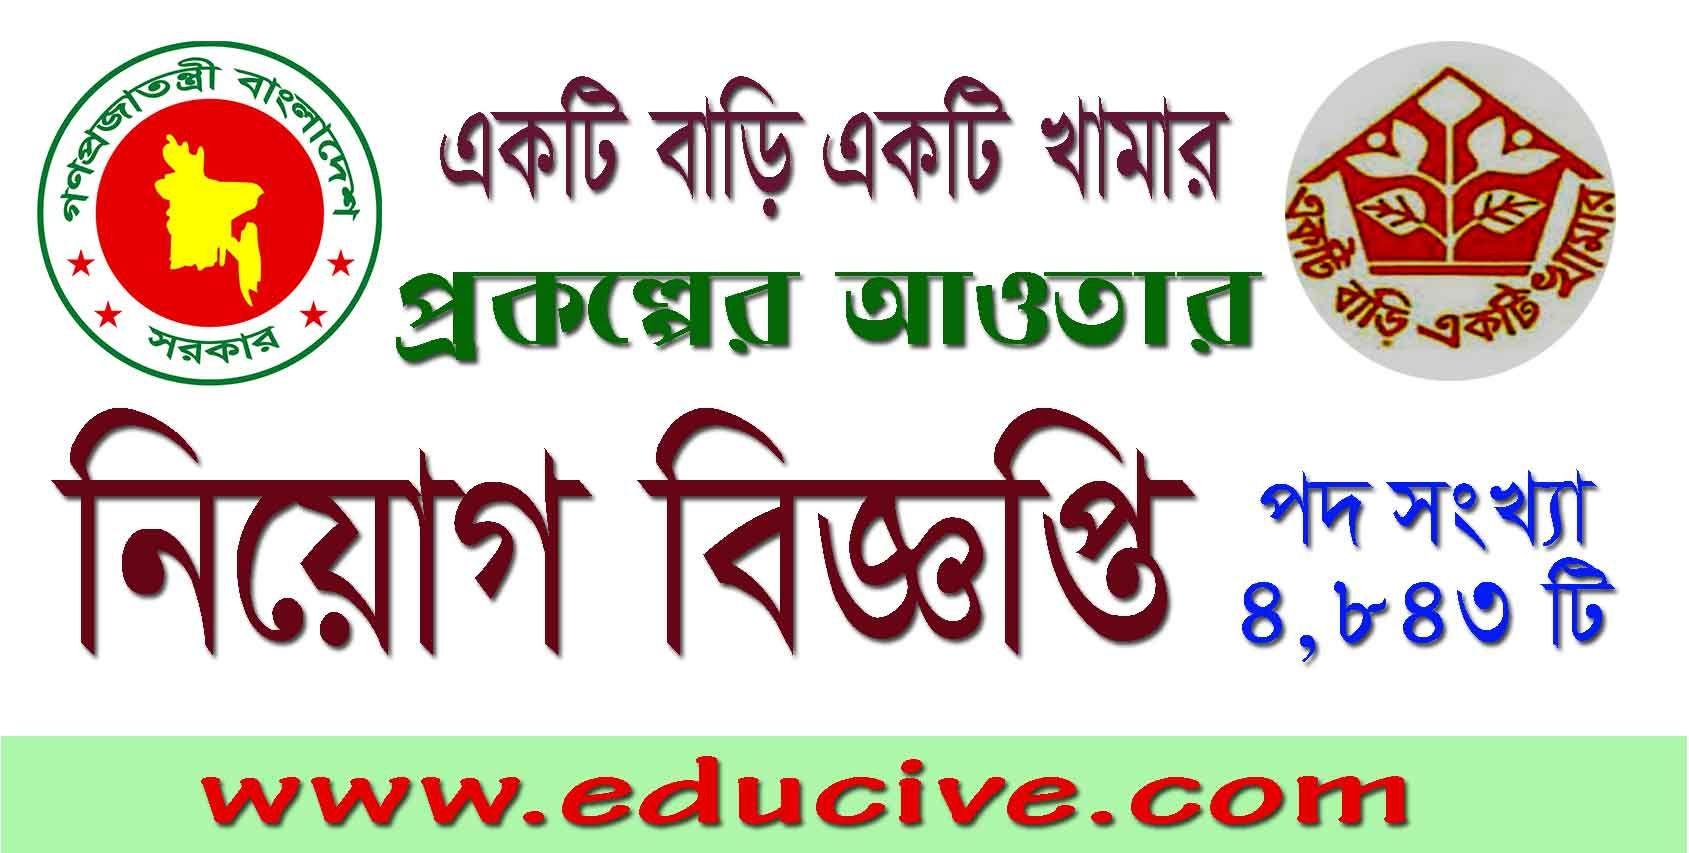 ekti bari ekti khamar job circular ebek teletalk com bd ekti bari ekti khamar job circular 2017 ebek teletalk com